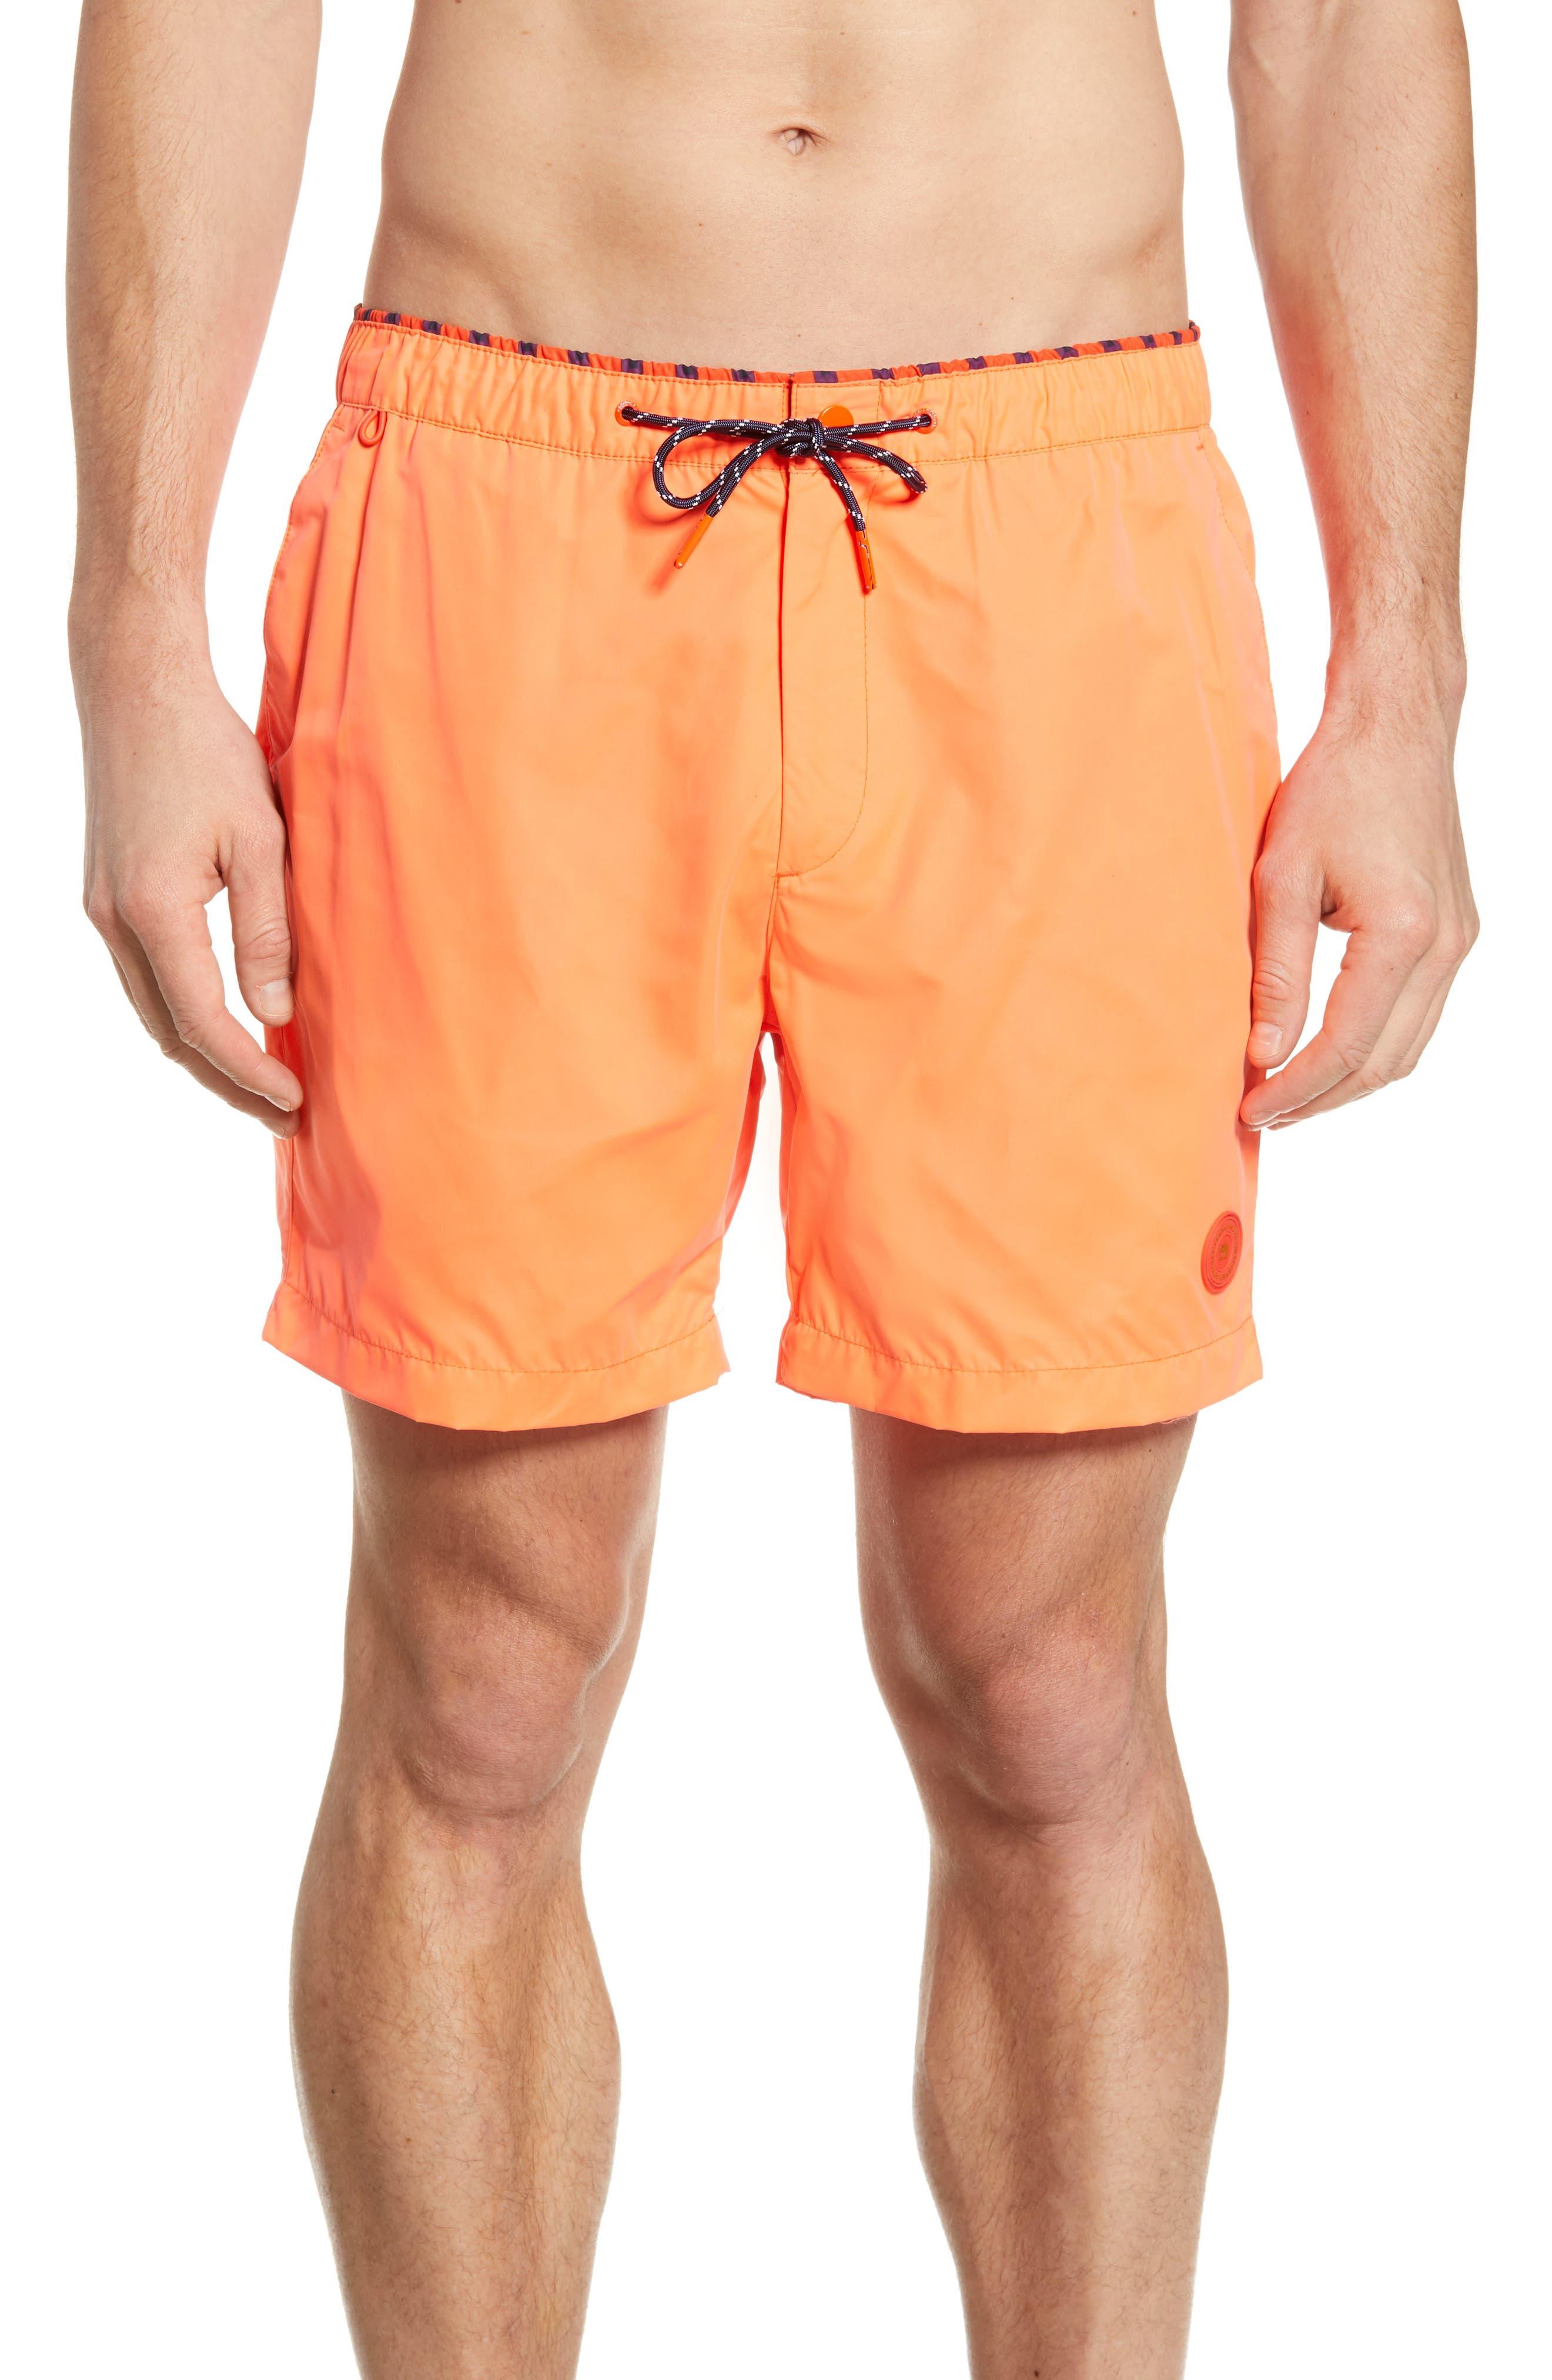 c603da9a3d Scotch & Soda Classic Colorful Swim Trunks, Orange